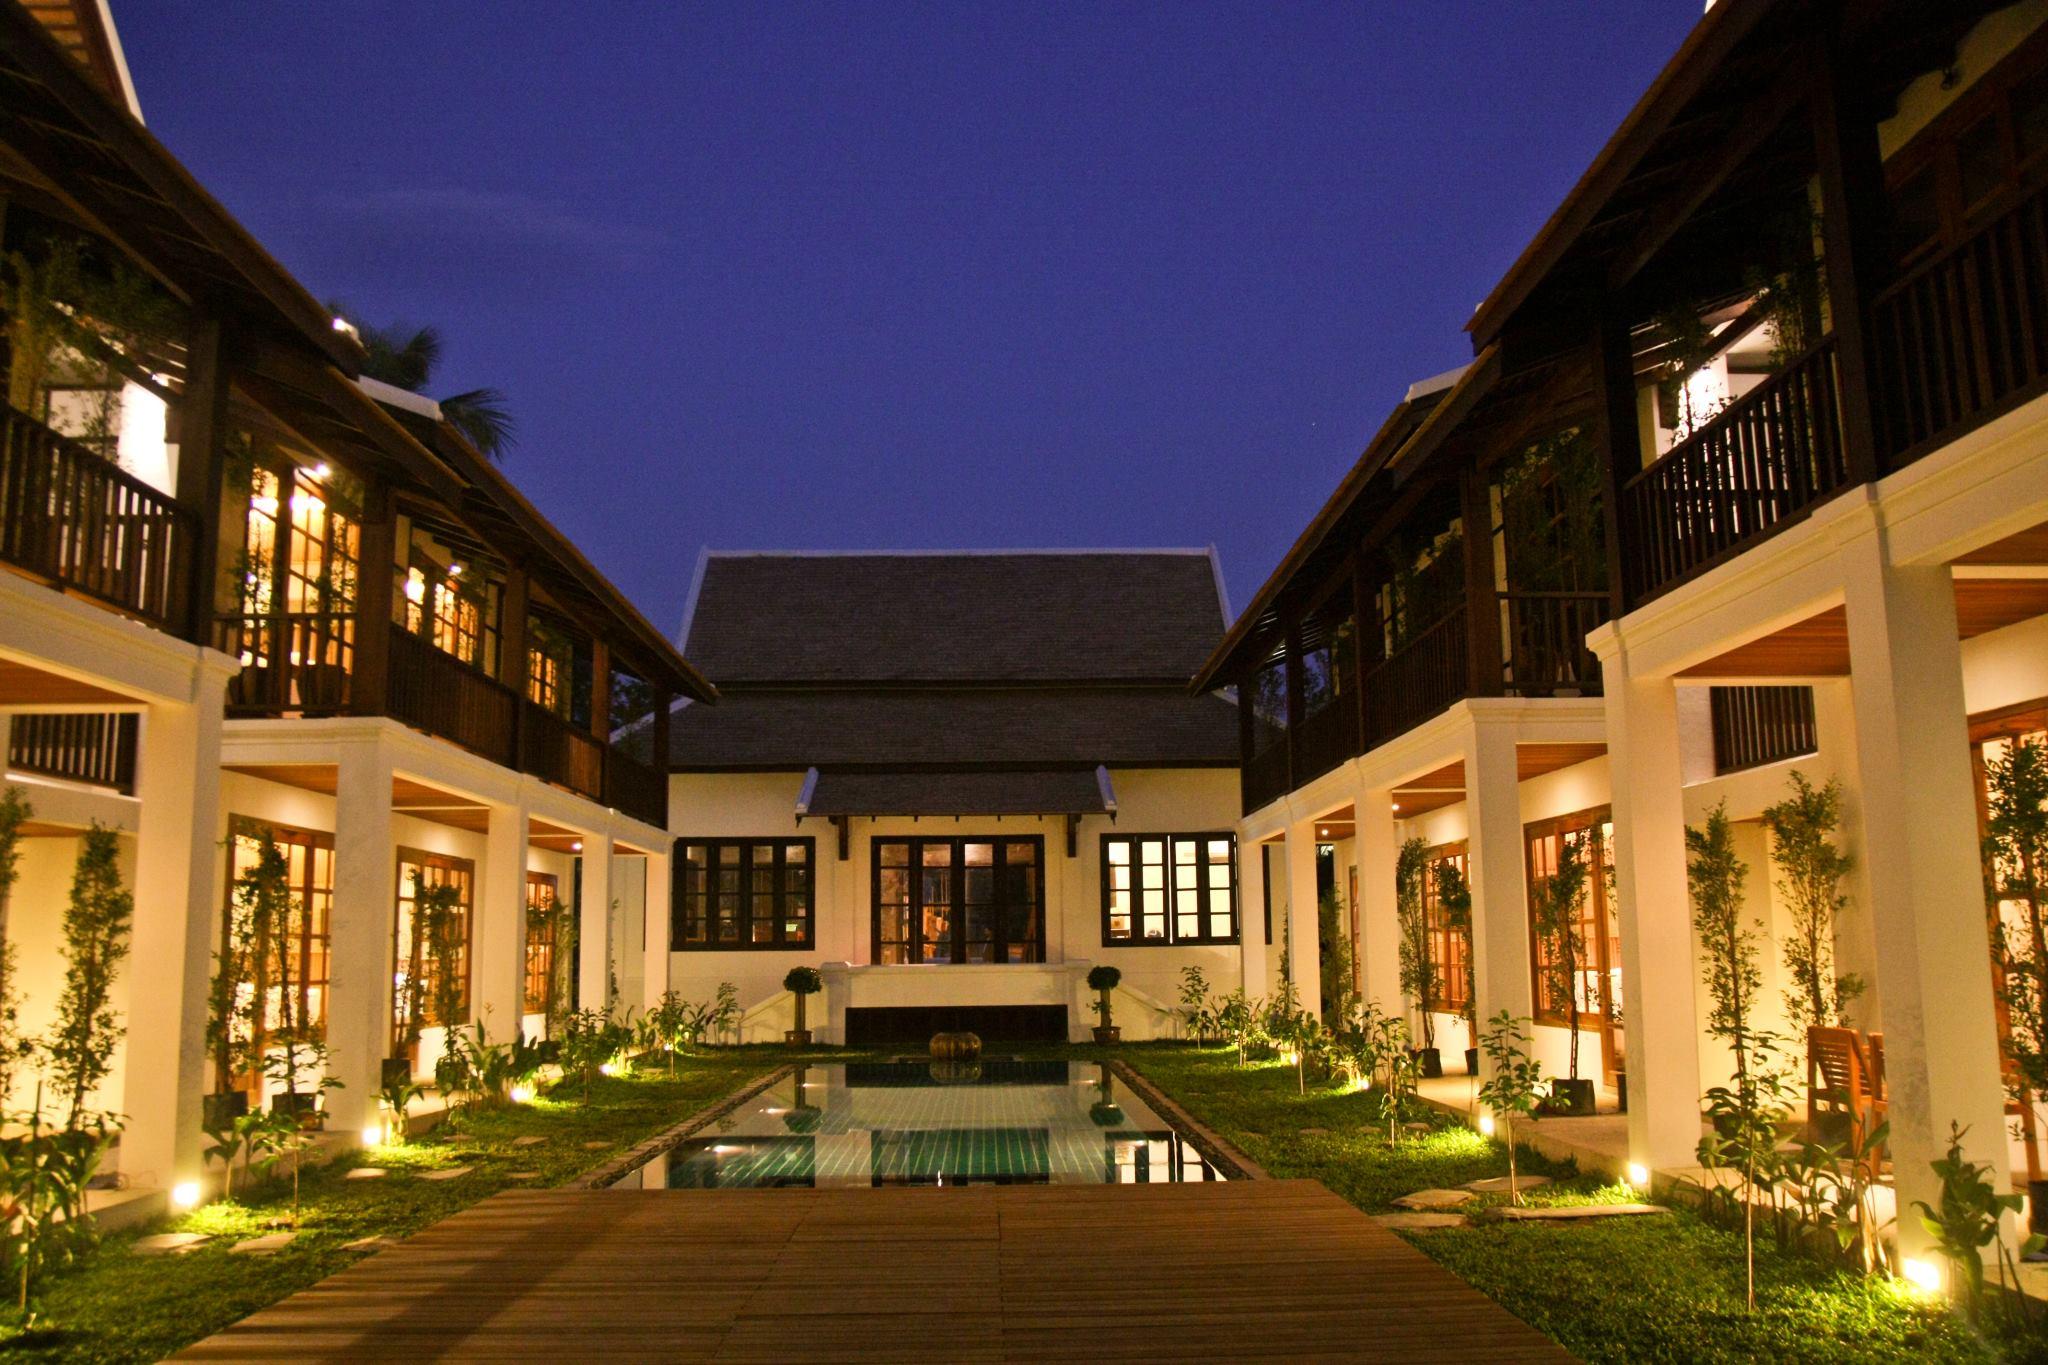 R sidence de charme la villa maly laos roads - Maison de charme hotel boutique toscane bacchella ...